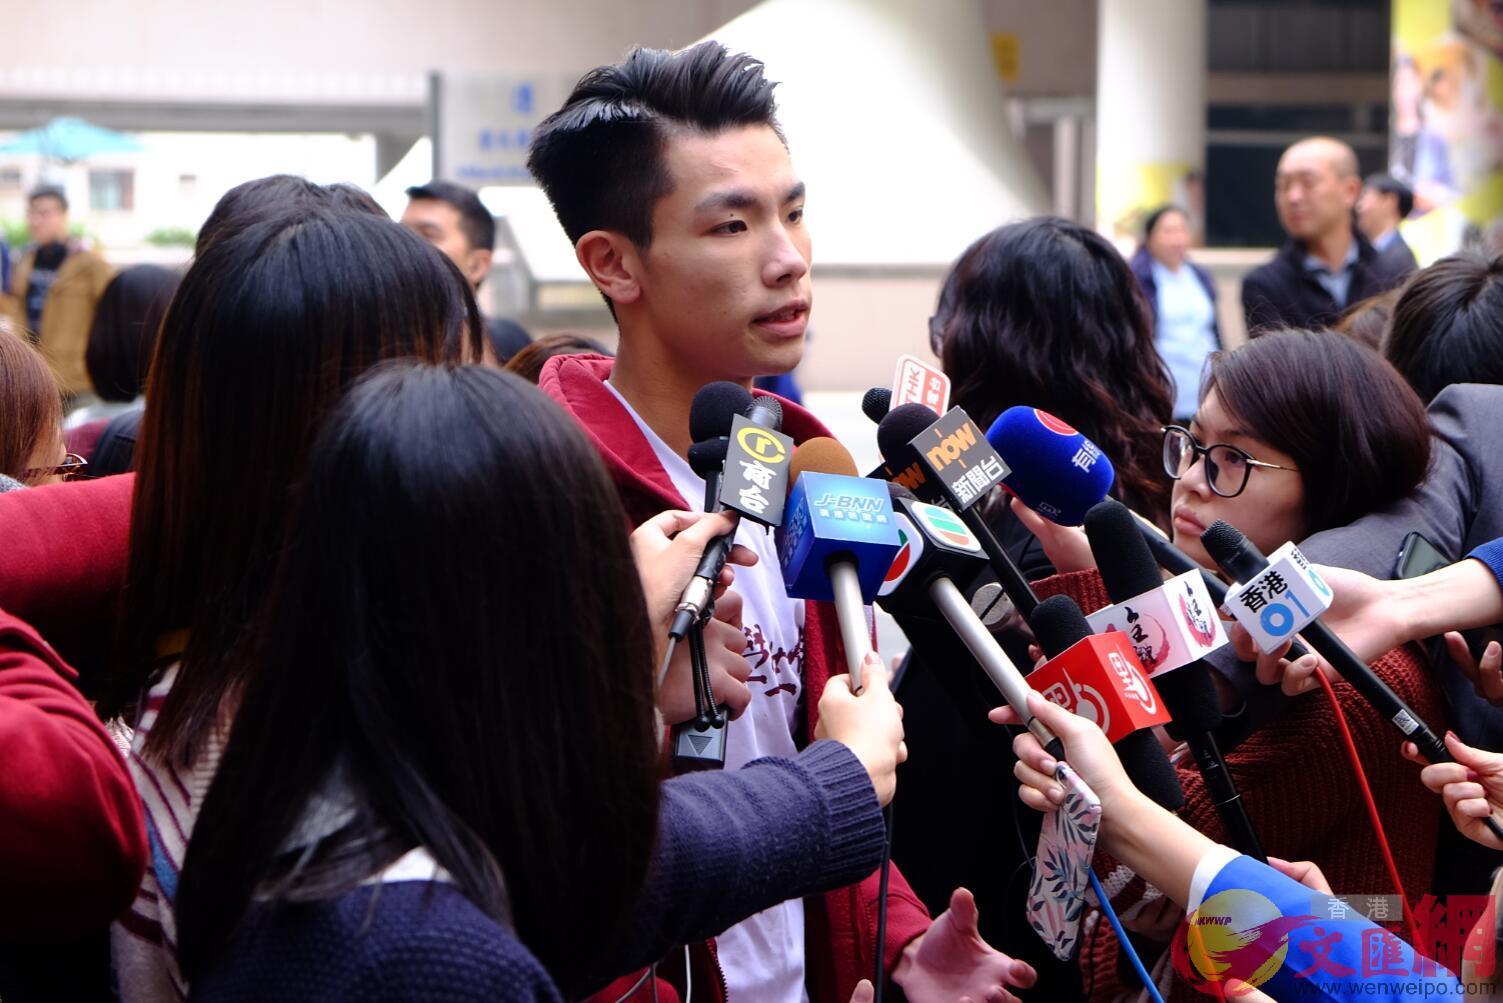 学生会会长刘子颀指「占领」是「成功的」.